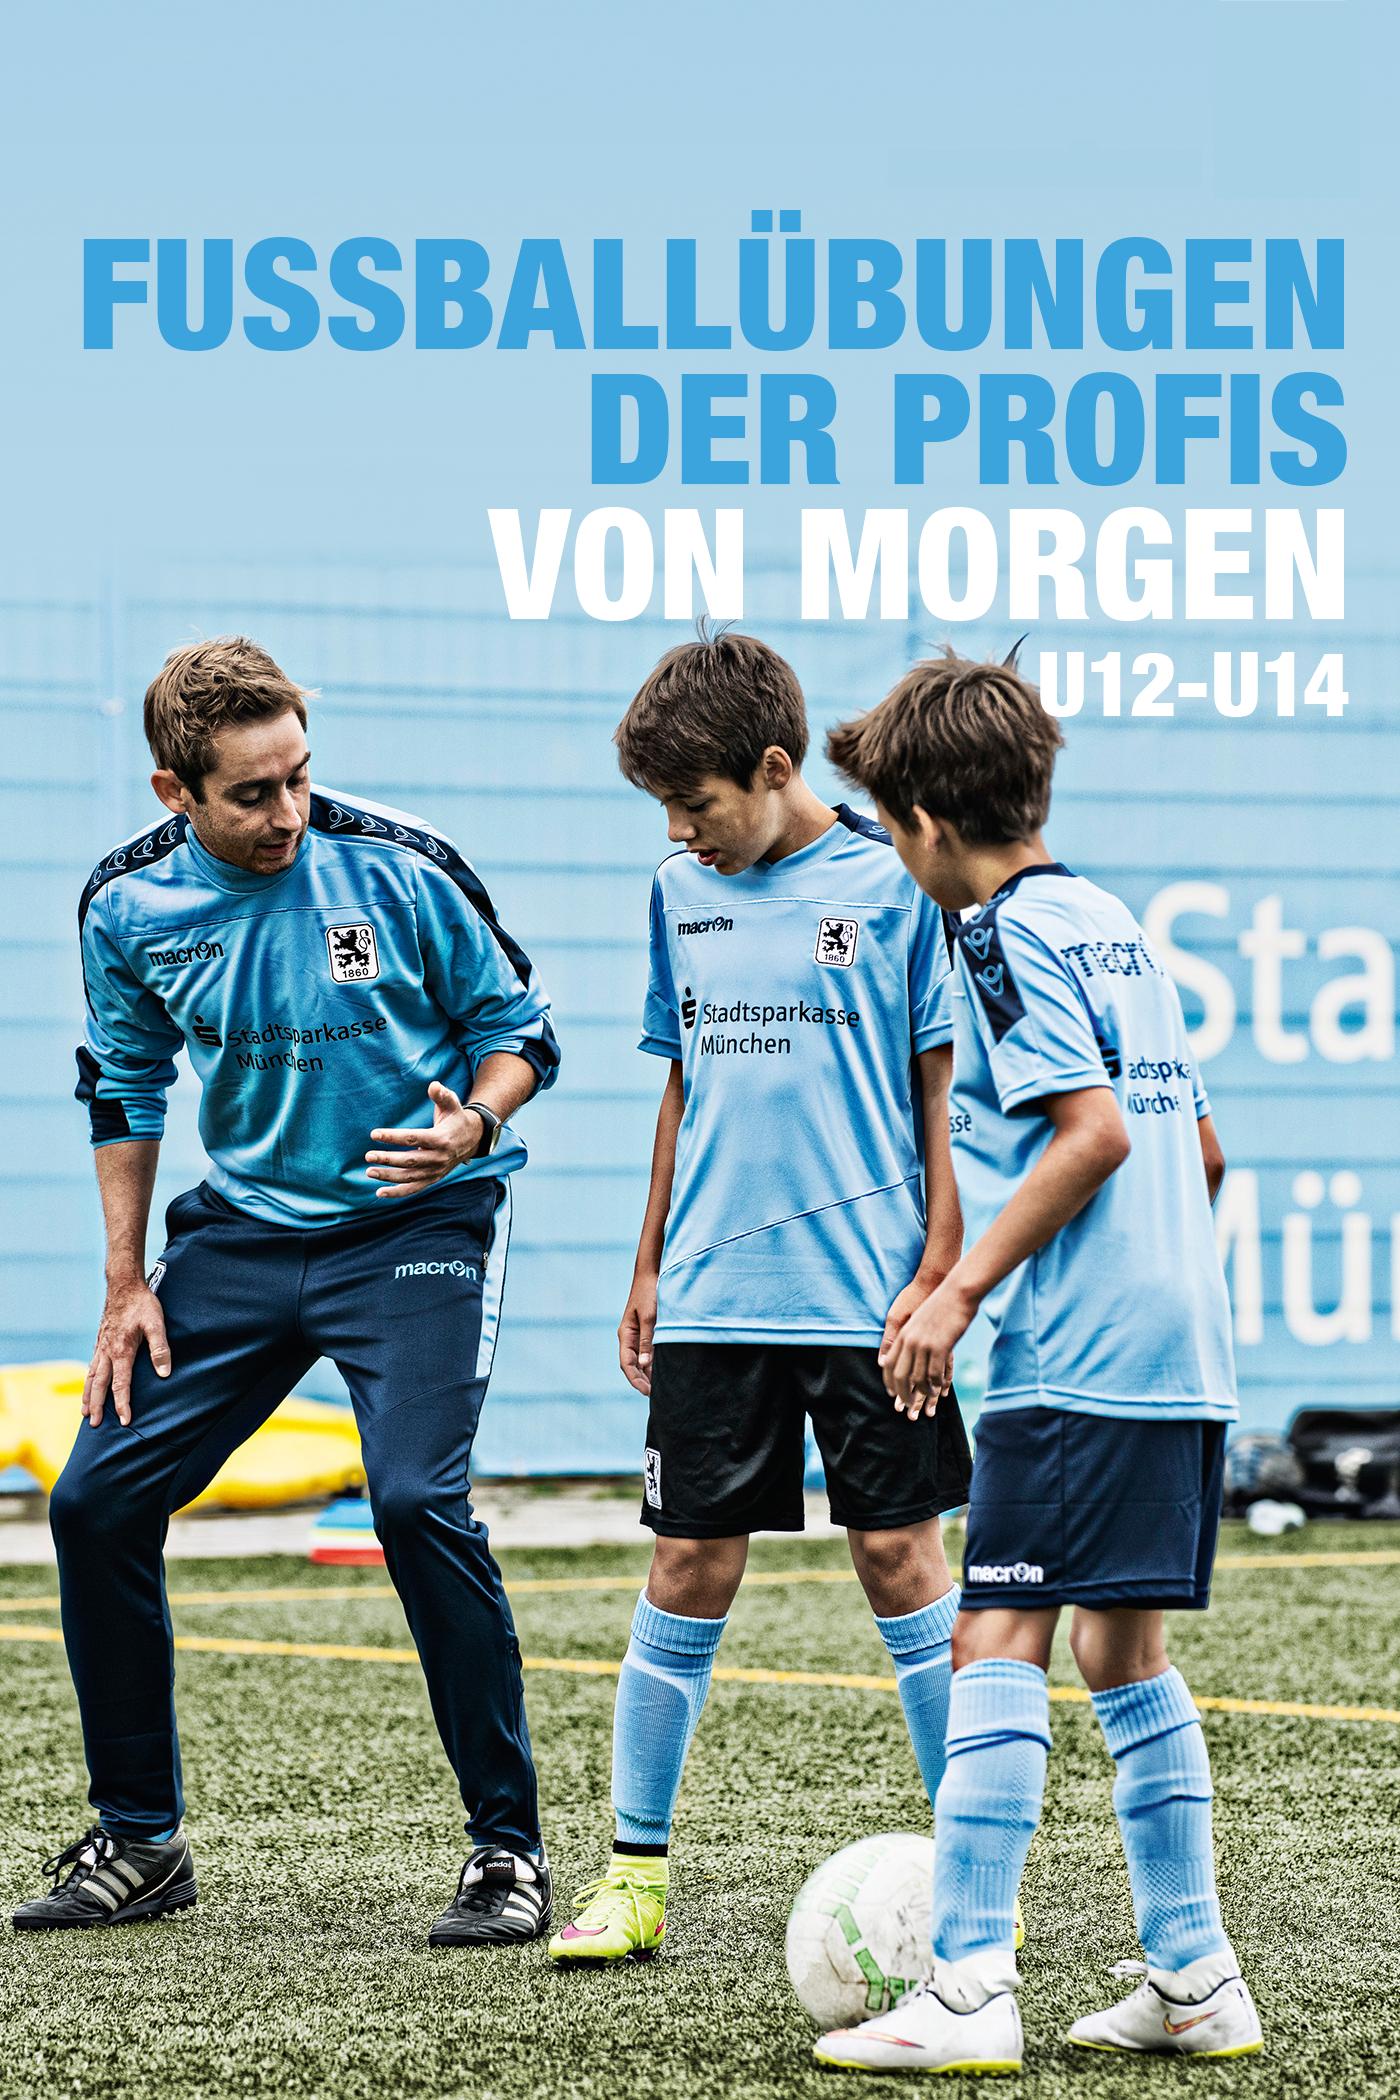 Fußballübungen der Profis von morgen | U12-U14 stream